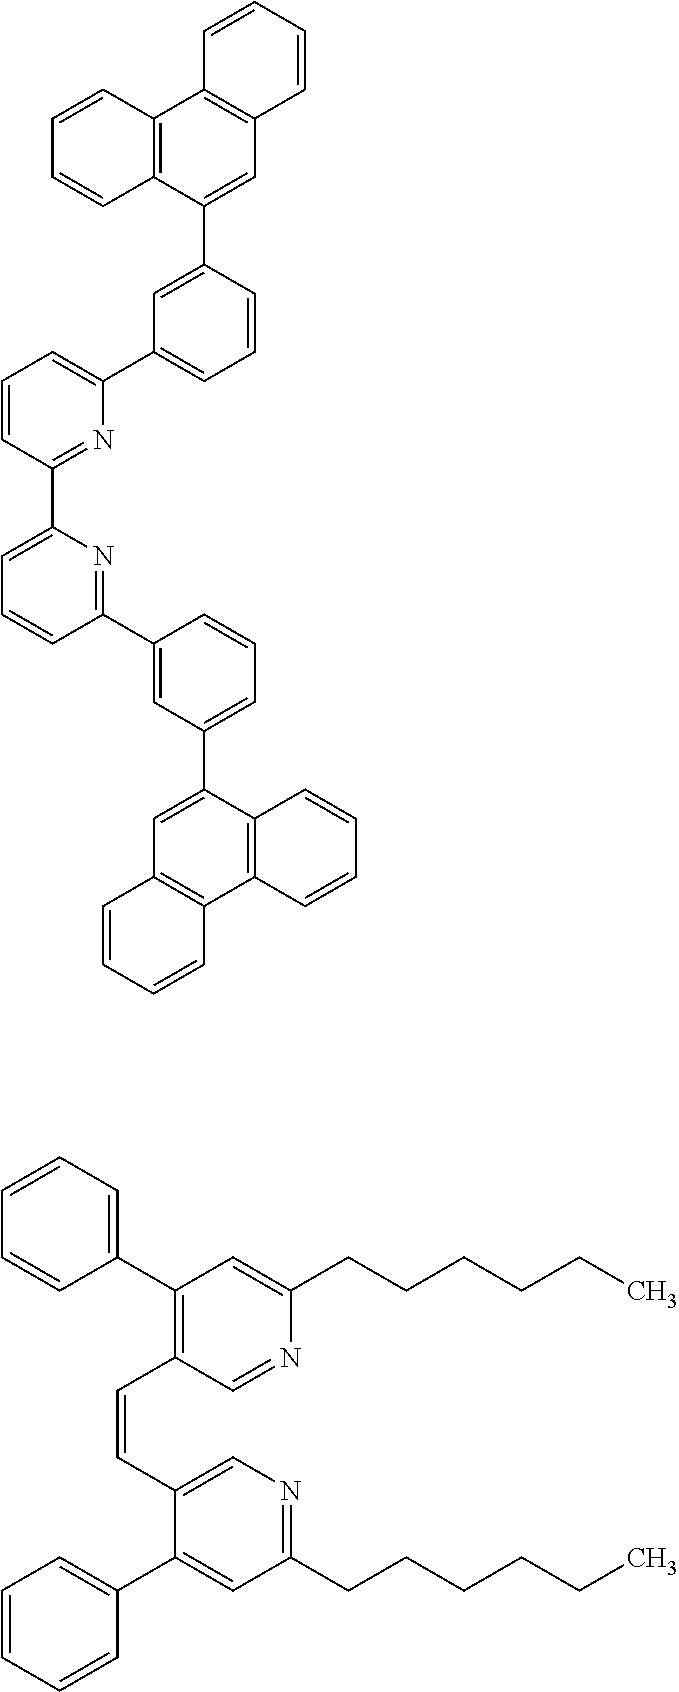 Figure US20110215312A1-20110908-C00061